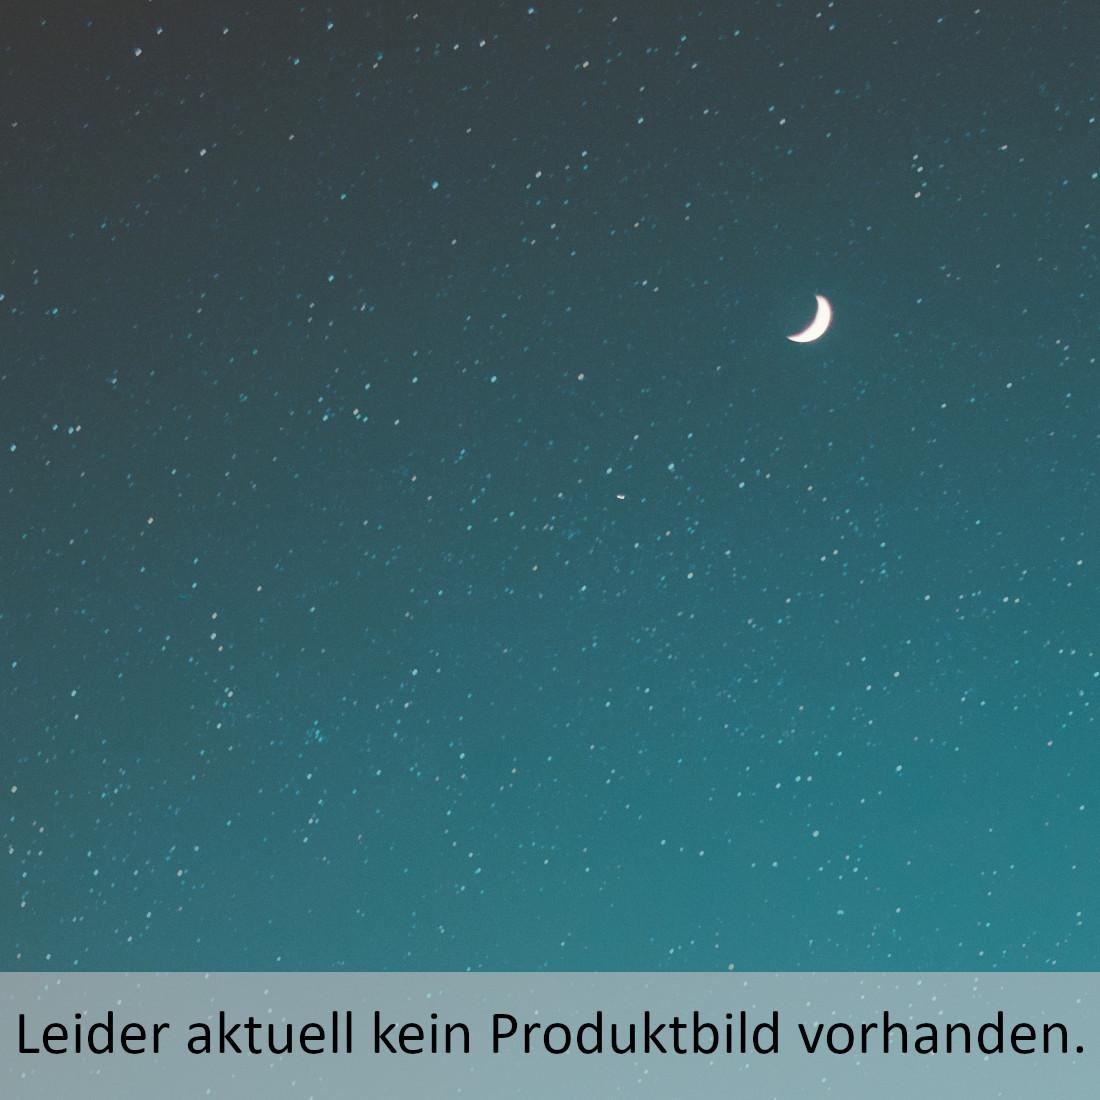 Überlebensgeschichten für jeden Tag Kühner, Axel 9783761563144